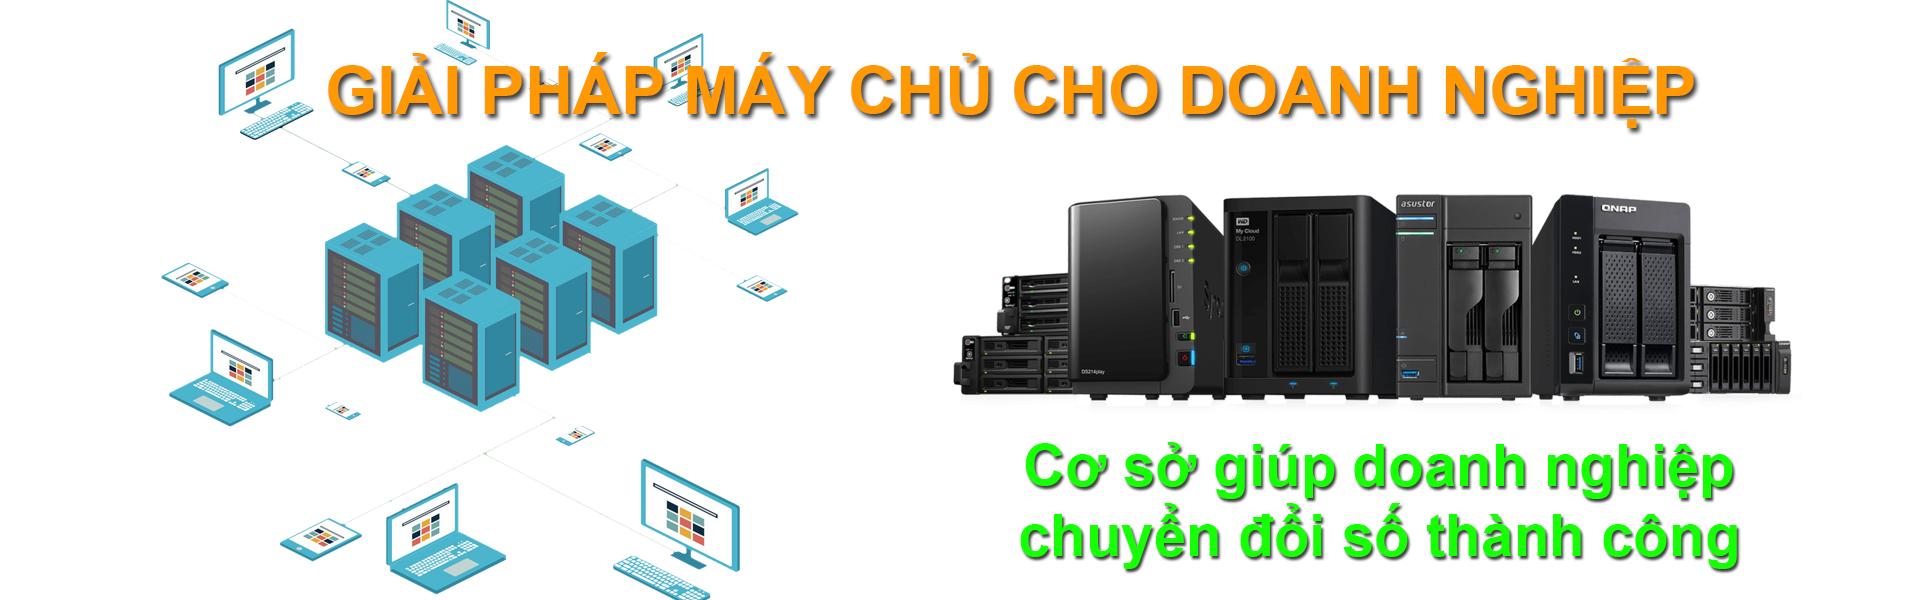 Giai phap may chu cho doanh nghiep cua zintech banner1